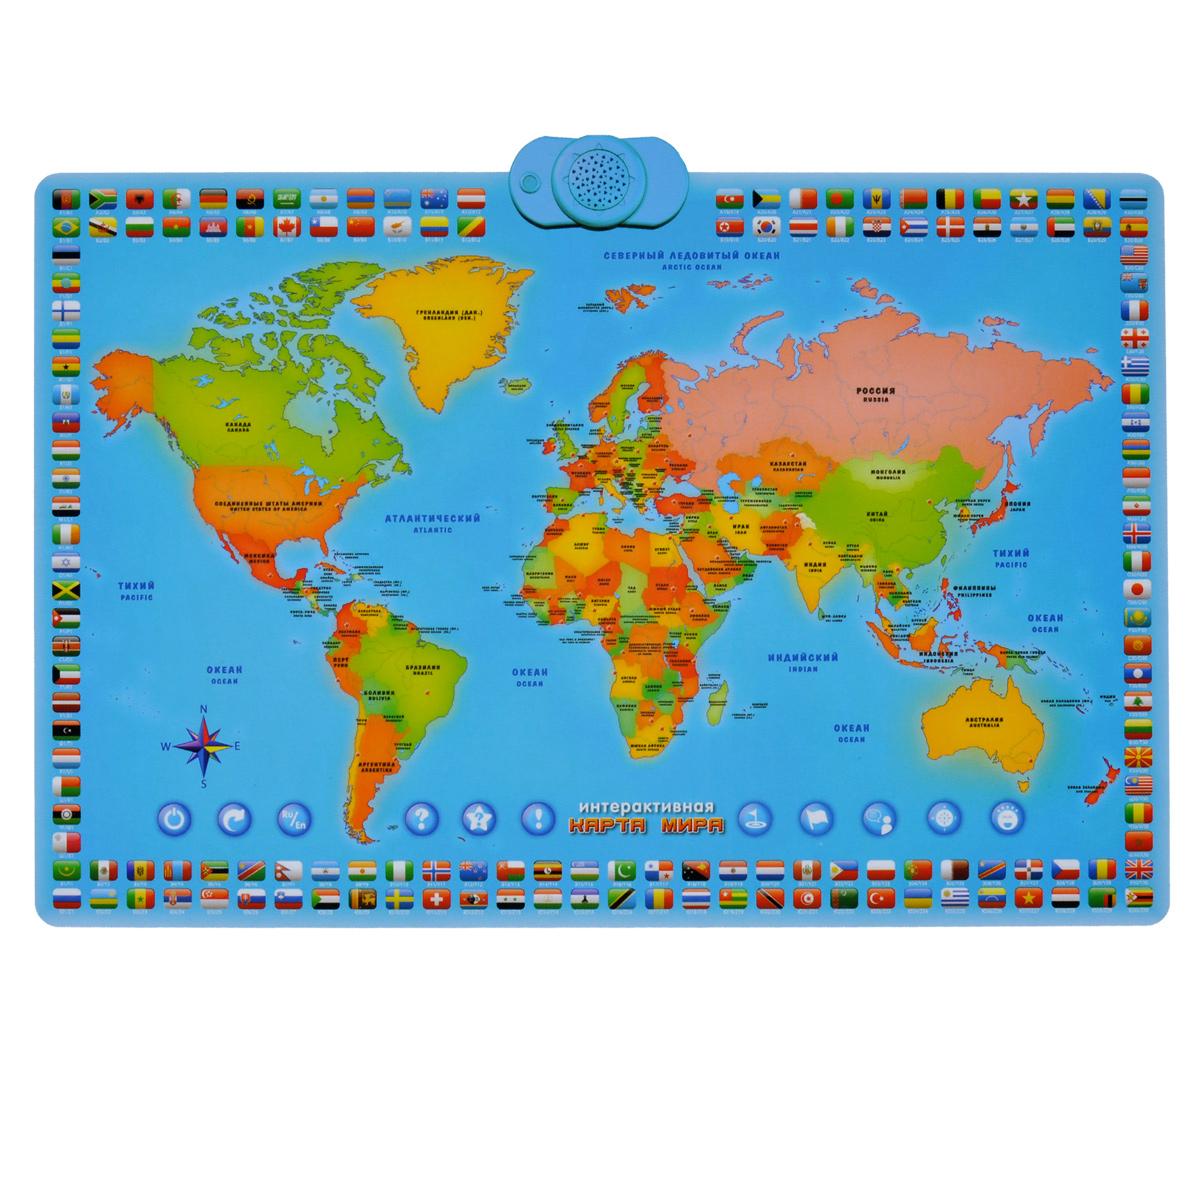 Электронный звуковой плакат ZanZoon Карта мира16305Электронный звуковой плакат ZanZoon Карта мира поможет ребенку в увлекательной и доступной форме получить первые знания о географическом расположении стран. На плакате изображена карта материков с омывающими их морями, обозначены 78 стран, по краям плаката находятся флаги стран. Сверху на плакате расположены пластиковый элемент, снабженный динамиком. Нажимая на изображение страны, ребенок сможет узнать интересные факты о ней: столицу, флаг, основной разговорный язык, континент, на котором она расположена, и забавный факт об этой стране. Вопросы викторин помогут проверить полученные знания. Если ребенок забыл выключить плакат, он самостоятельно отключится спустя некоторое время. Плакат поможет ребенку расширить знания географии, развить память, концентрацию внимания, мелкую моторику рук, а также с пользой организовать собственный досуг. Порадуйте своего ребенка таким замечательным подарком! Для работы плаката необходимы 3 батареи напряжением 1,5V типа...